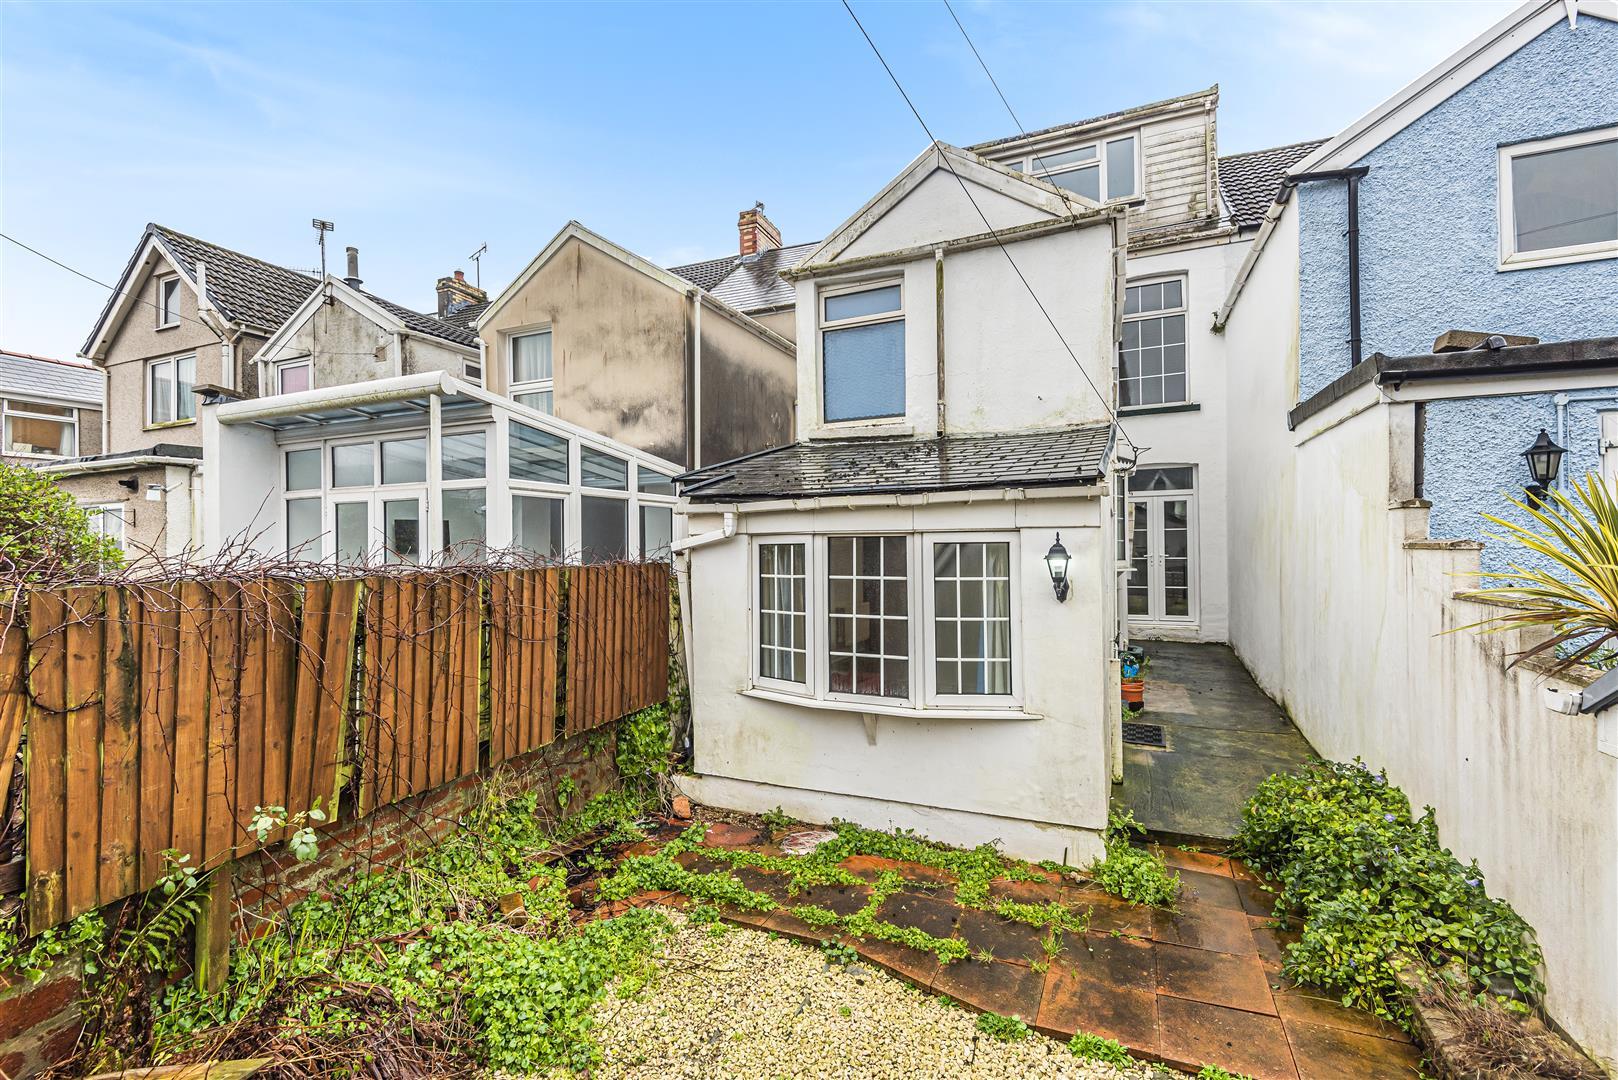 Victoria Avenue, Mumbles, Swansea, SA3 4NG